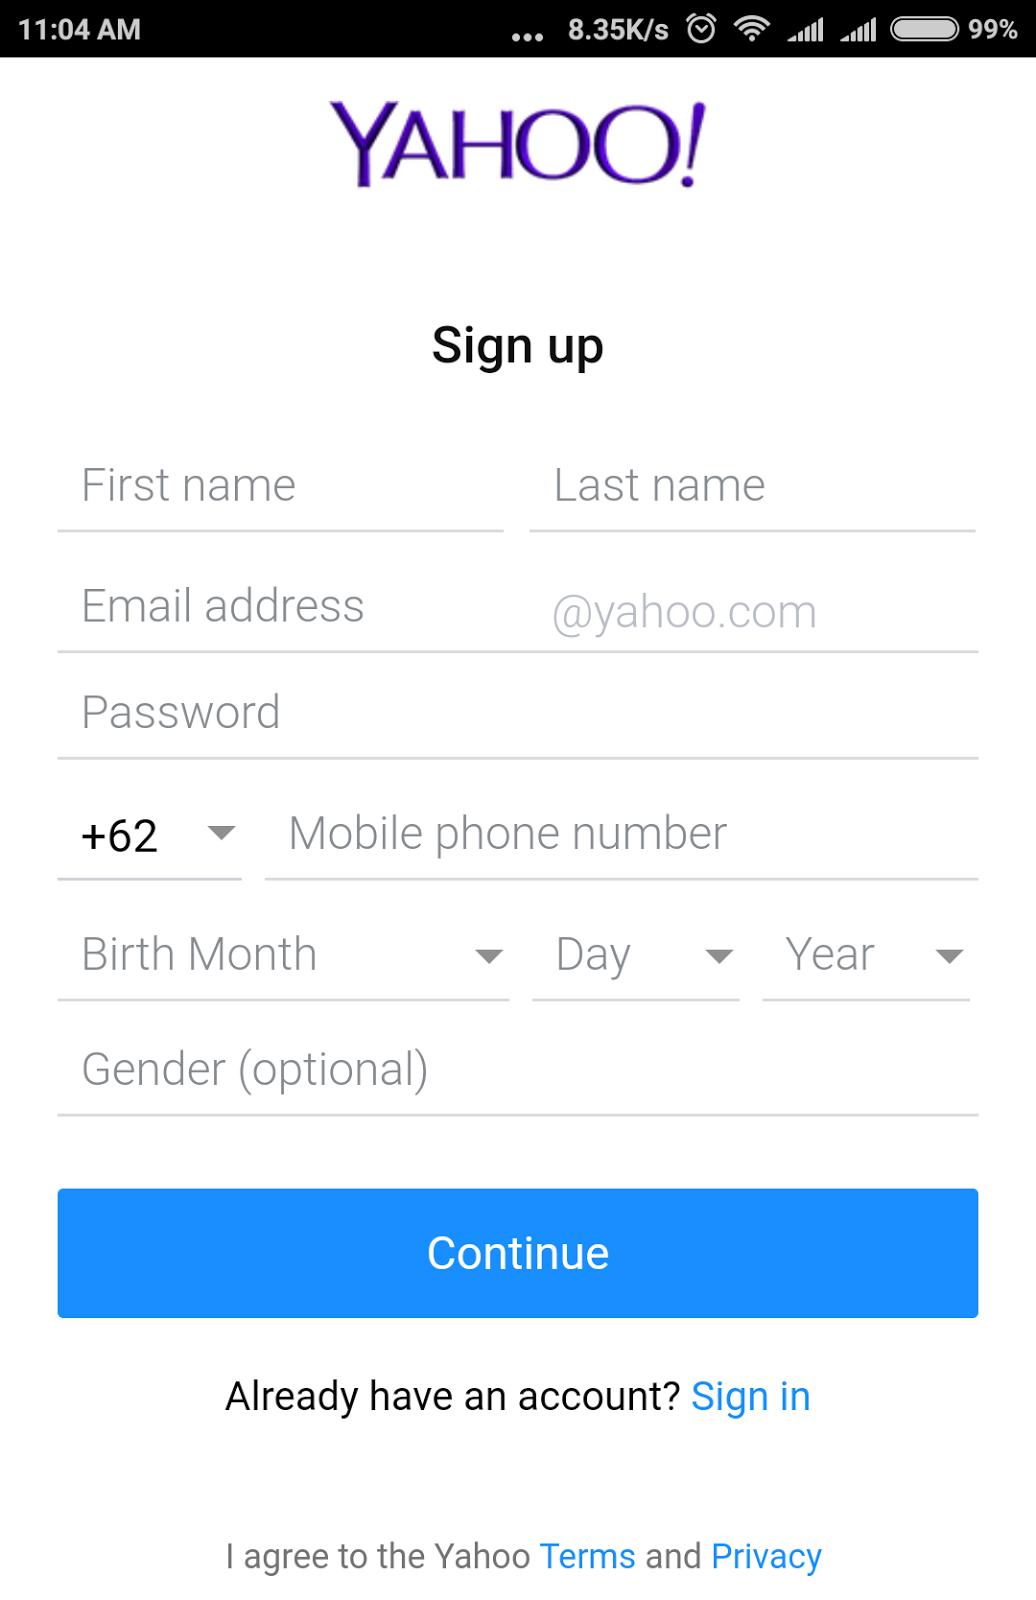 Cara daftar email yahoo indonesia lewat hp android cara buat akun cara daftar email yahoo indonesia lewat hp android stopboris Gallery